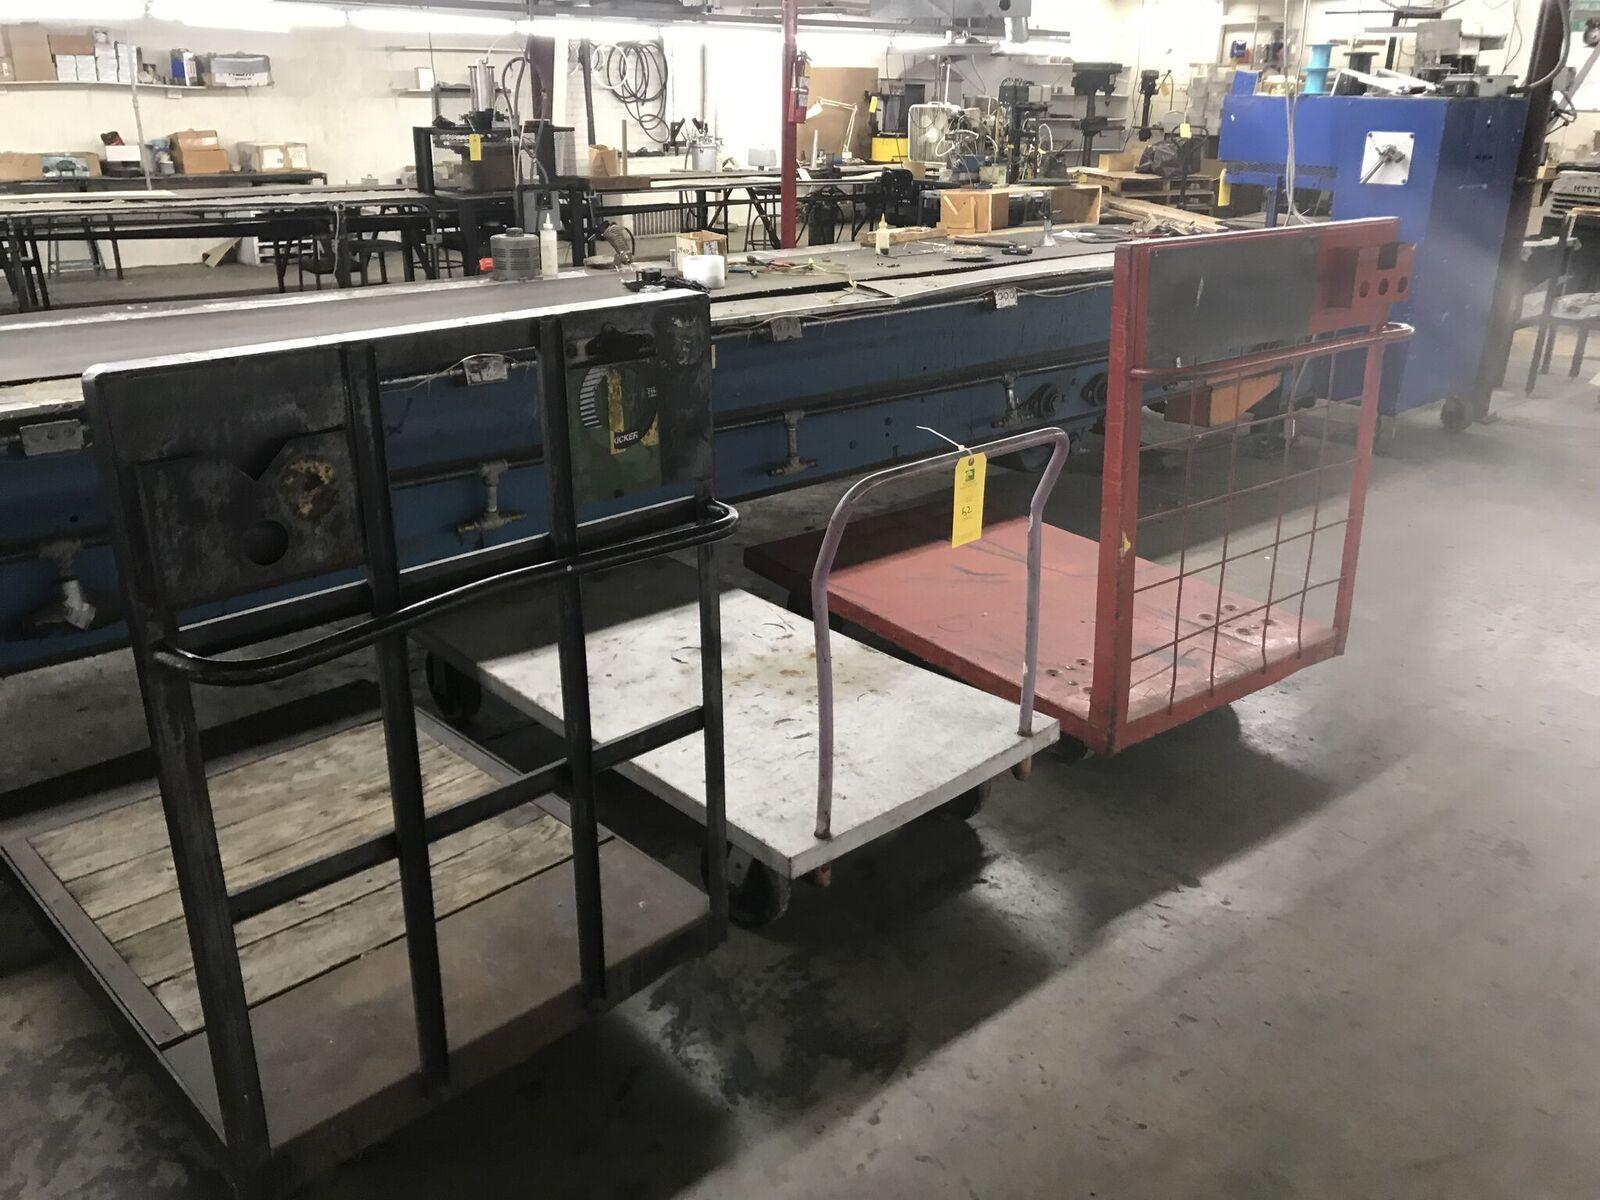 (3) Shop Floor Carts, 4 Wheel Type